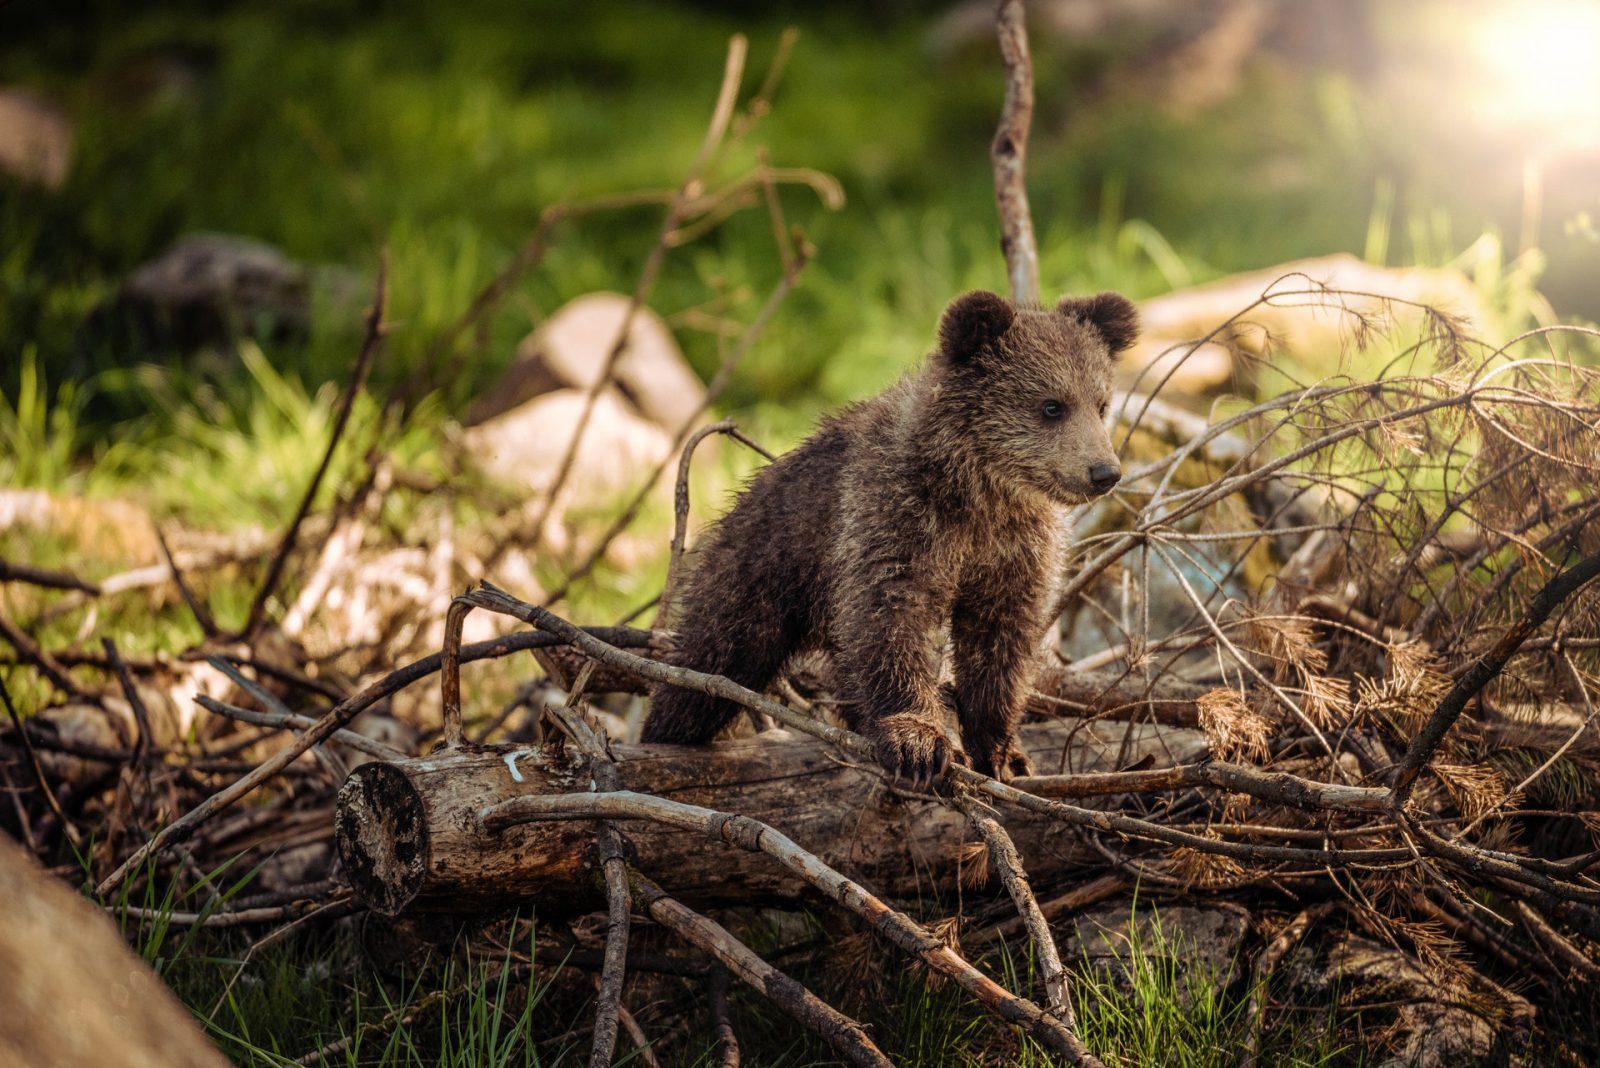 O urso pardo pode se reproduzir a aprtir dos 3 anos de idade e ter 4 filhotes.